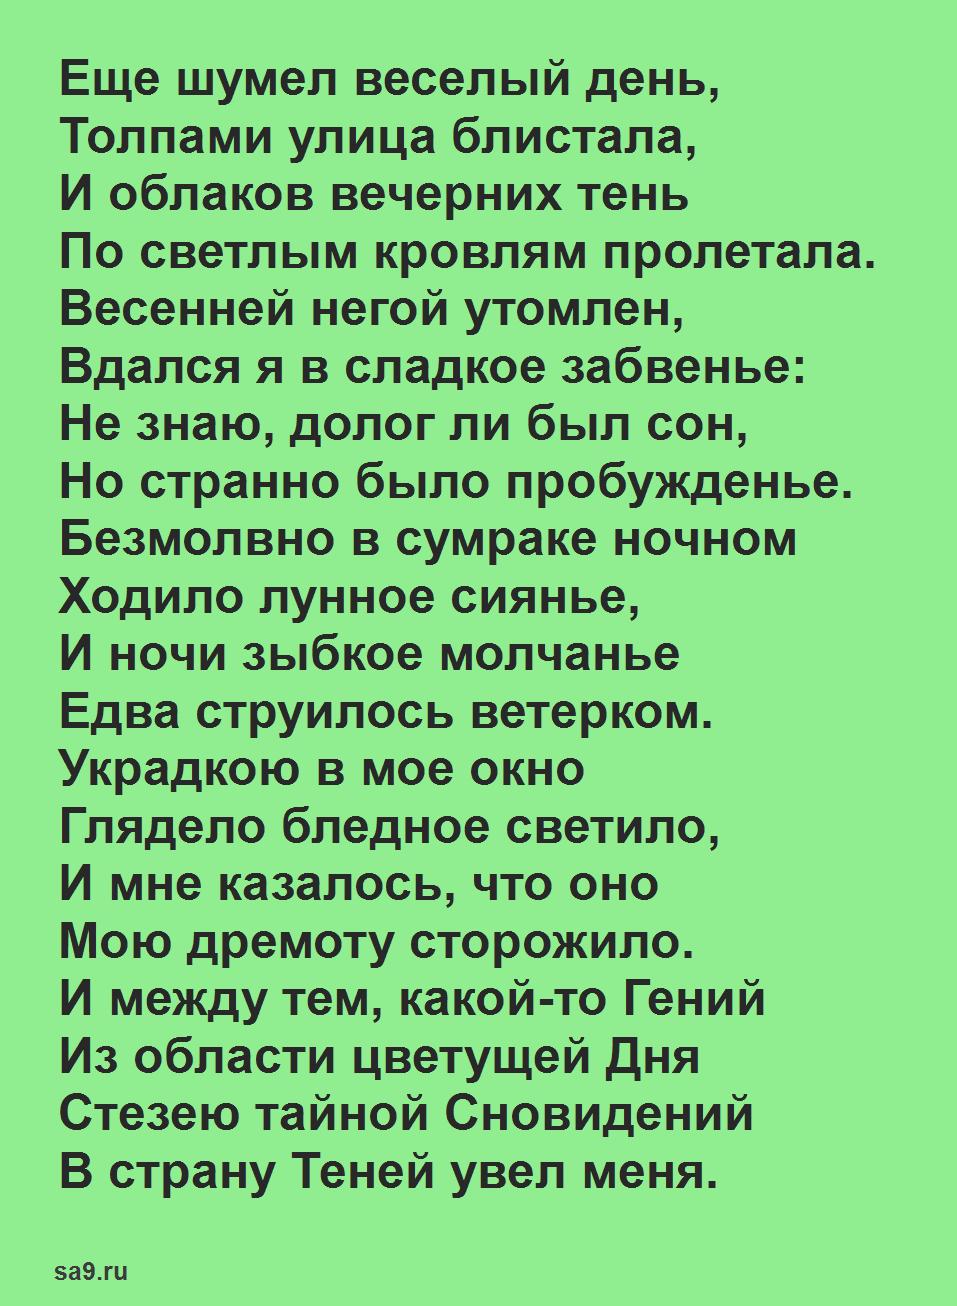 Легкие стихи Тютчева - Пробуждение